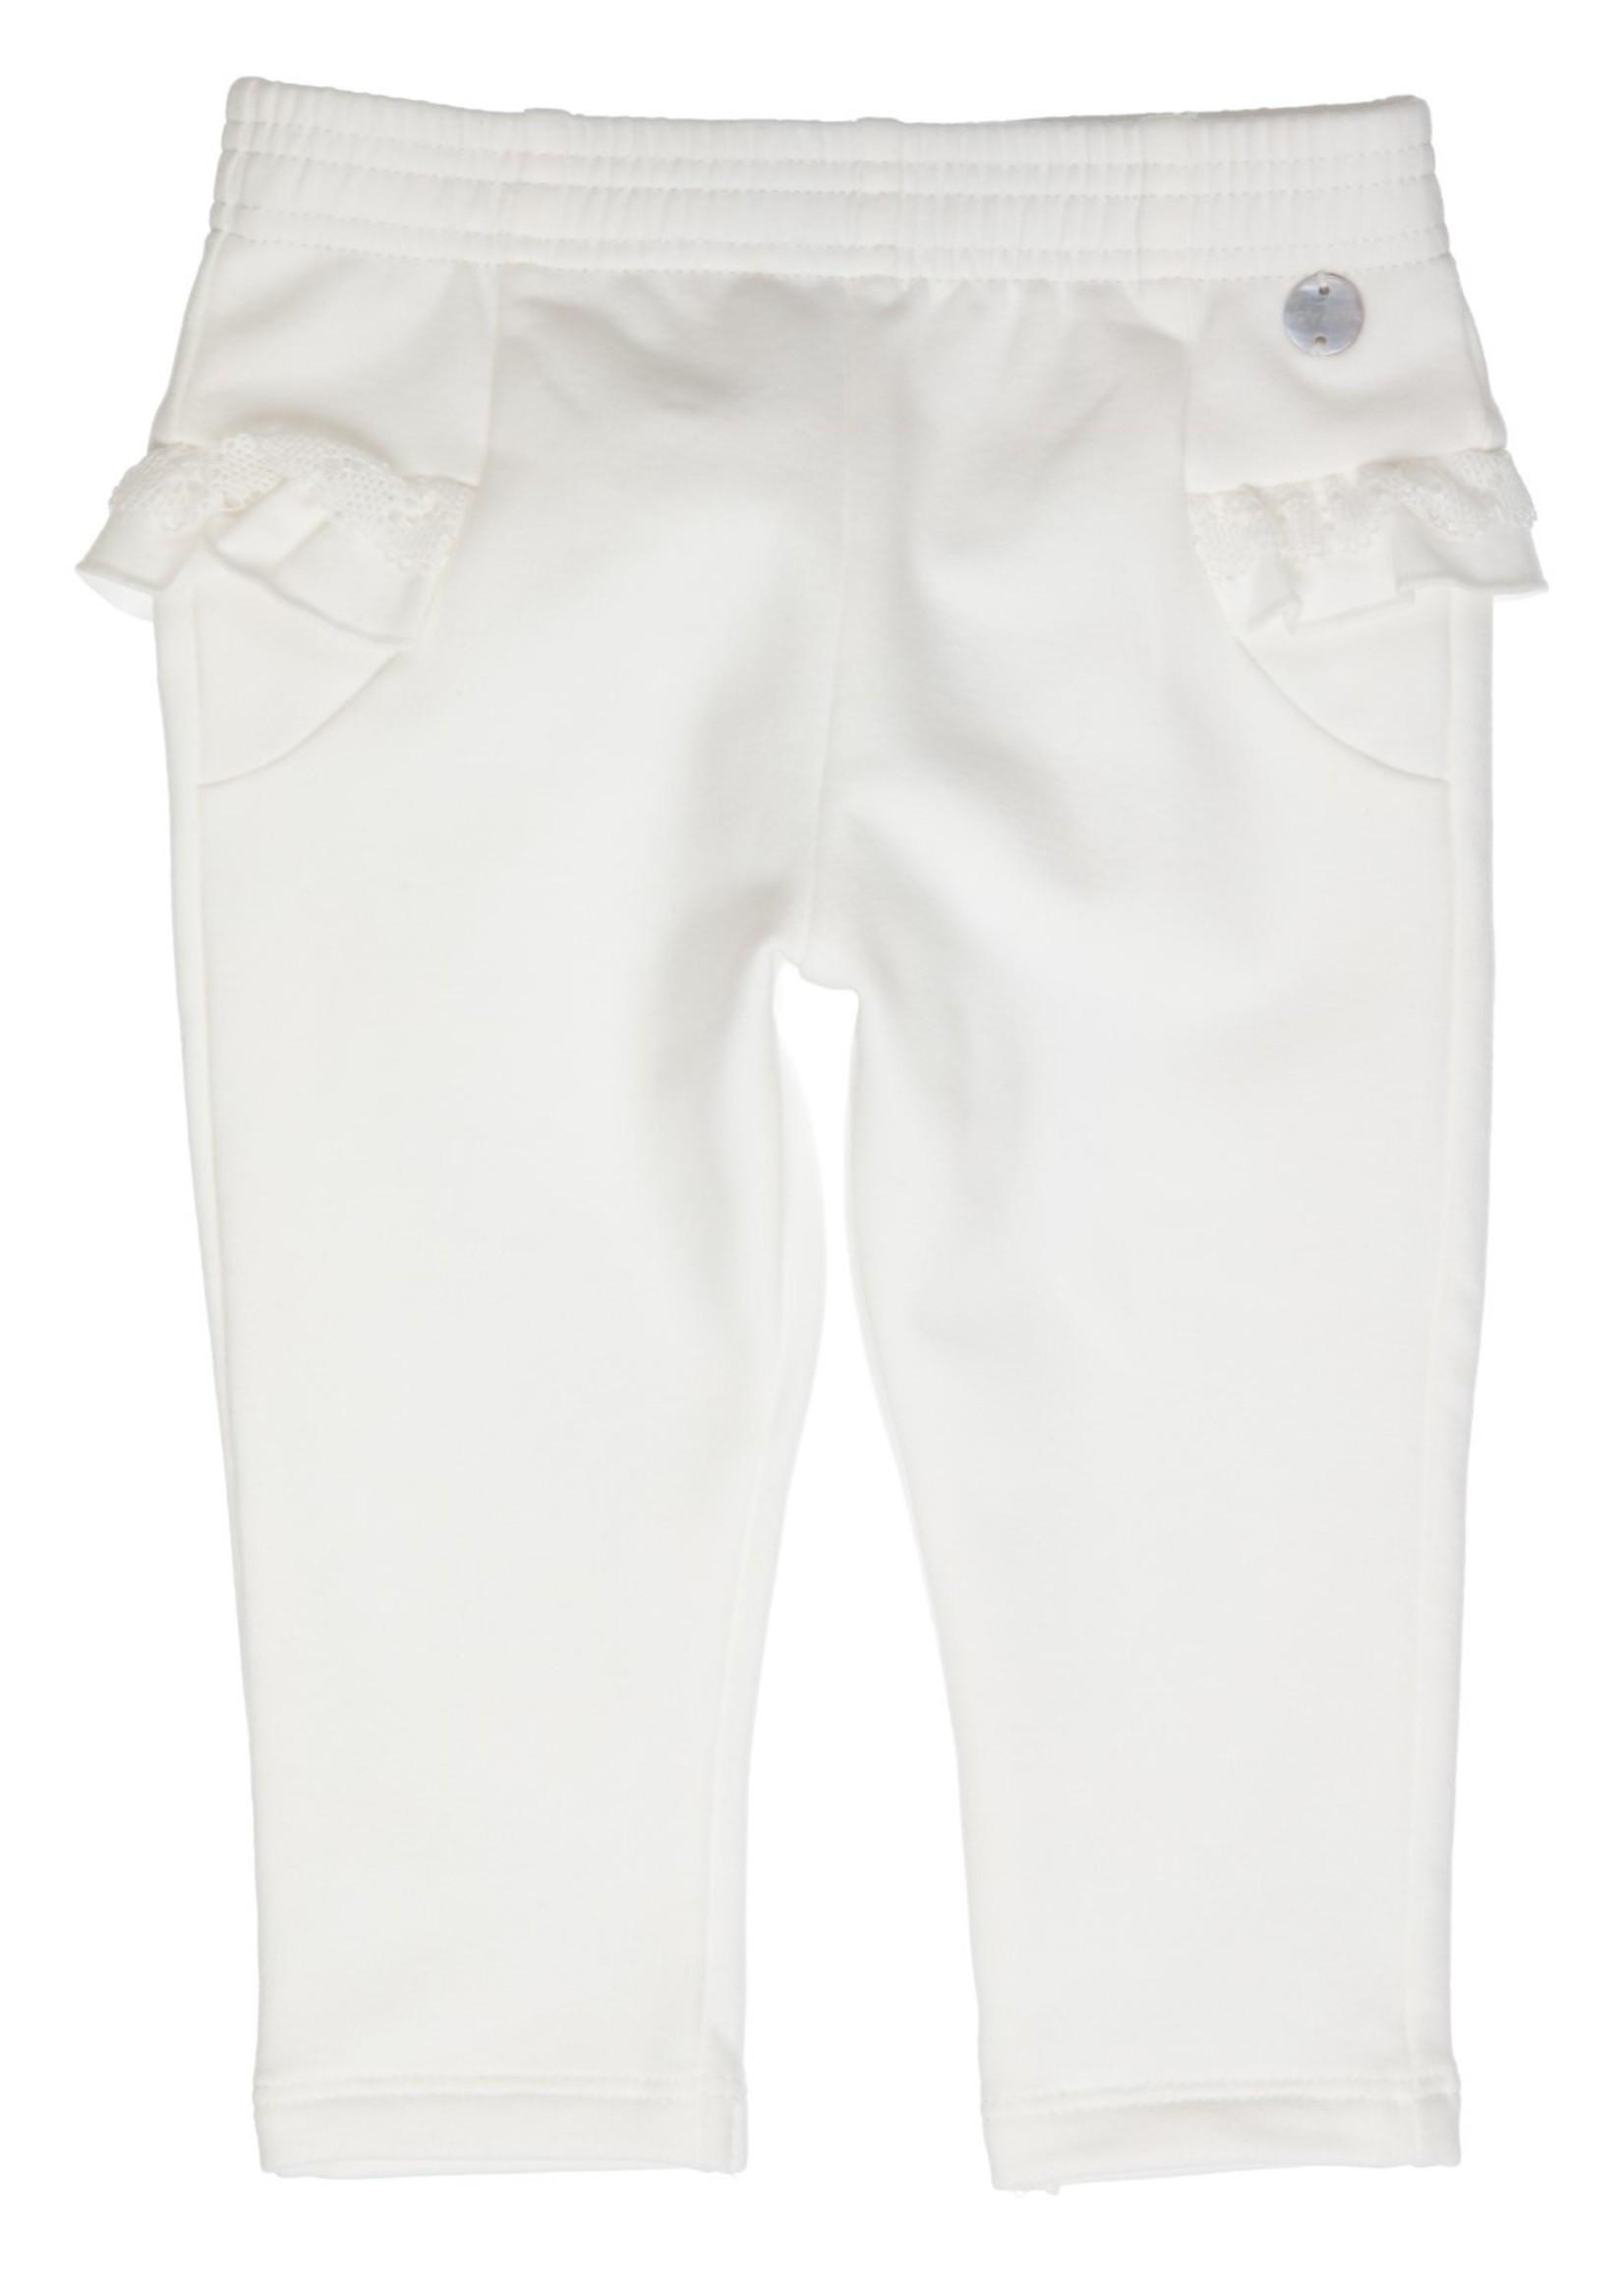 Gymp Gymp joggingpants flounces and lace off white